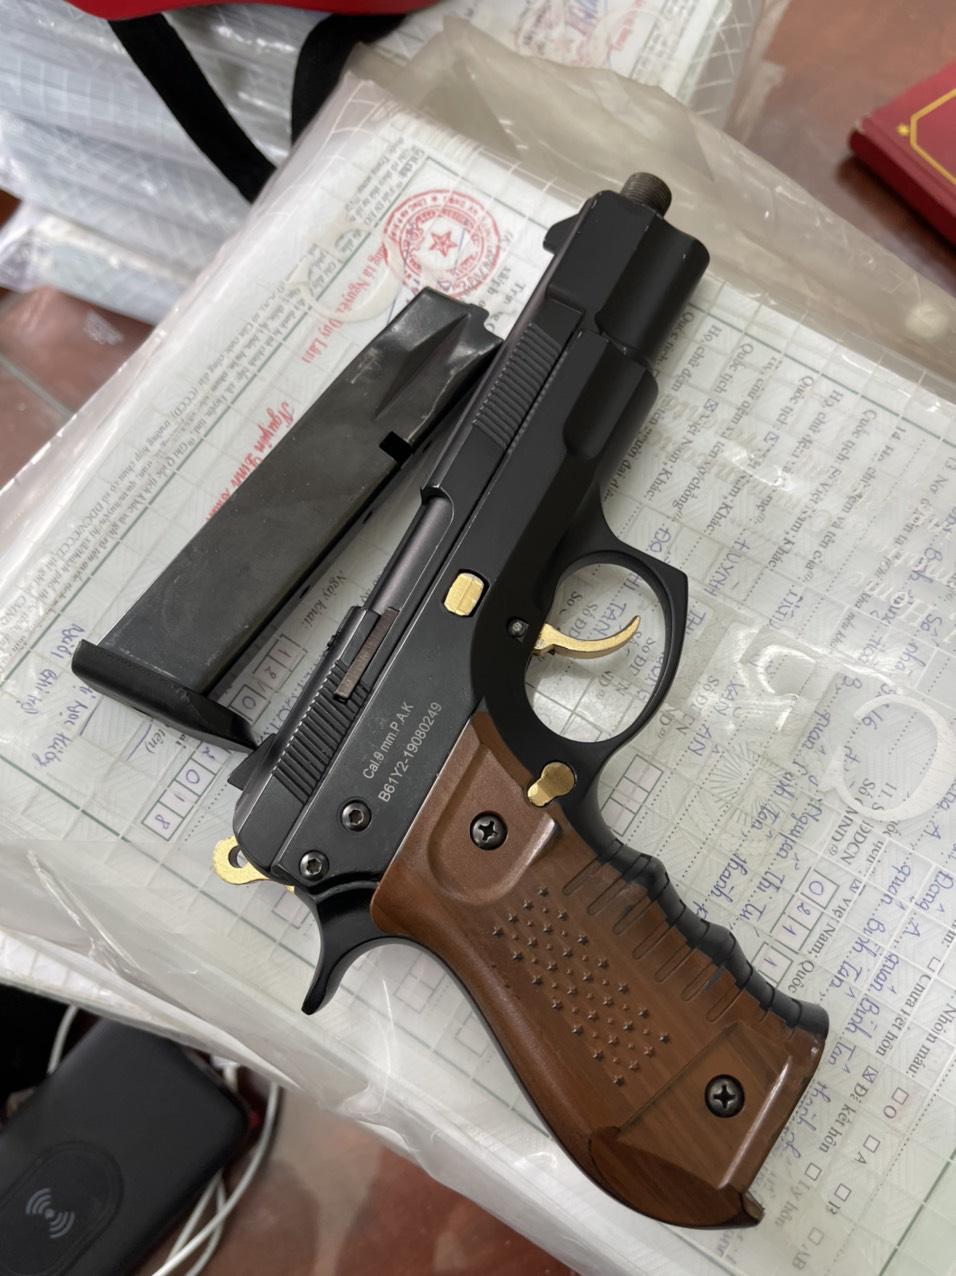 Vụ dùng súng bắn người rồi bỏ trốn: Nghi phạm nợ nạn nhân 4 triệu đồng - Ảnh 3.